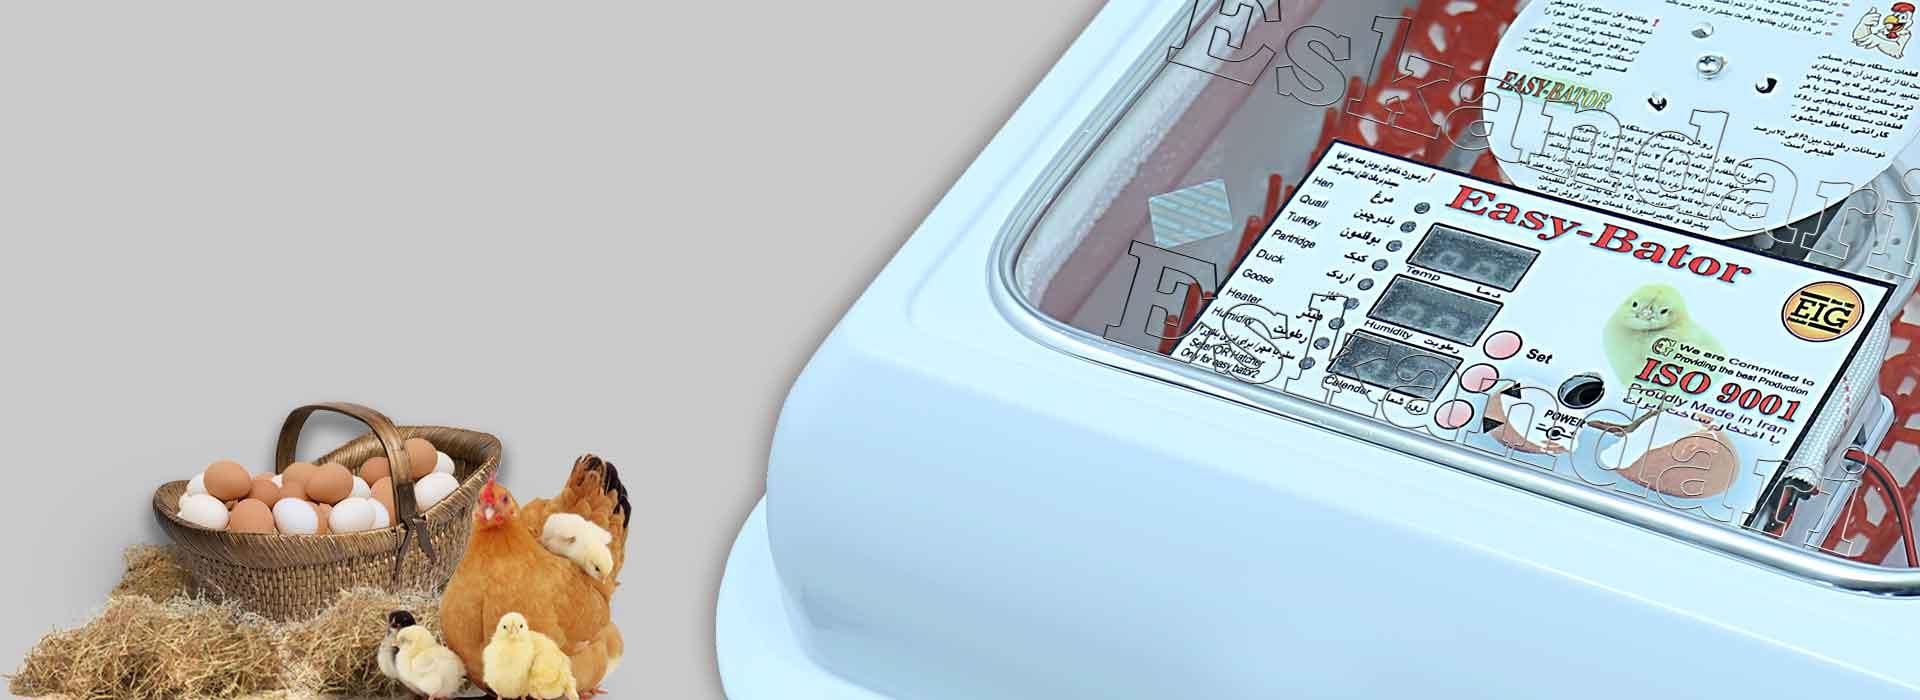 برد هوشمند دستگاه جوجه کشی خانگی